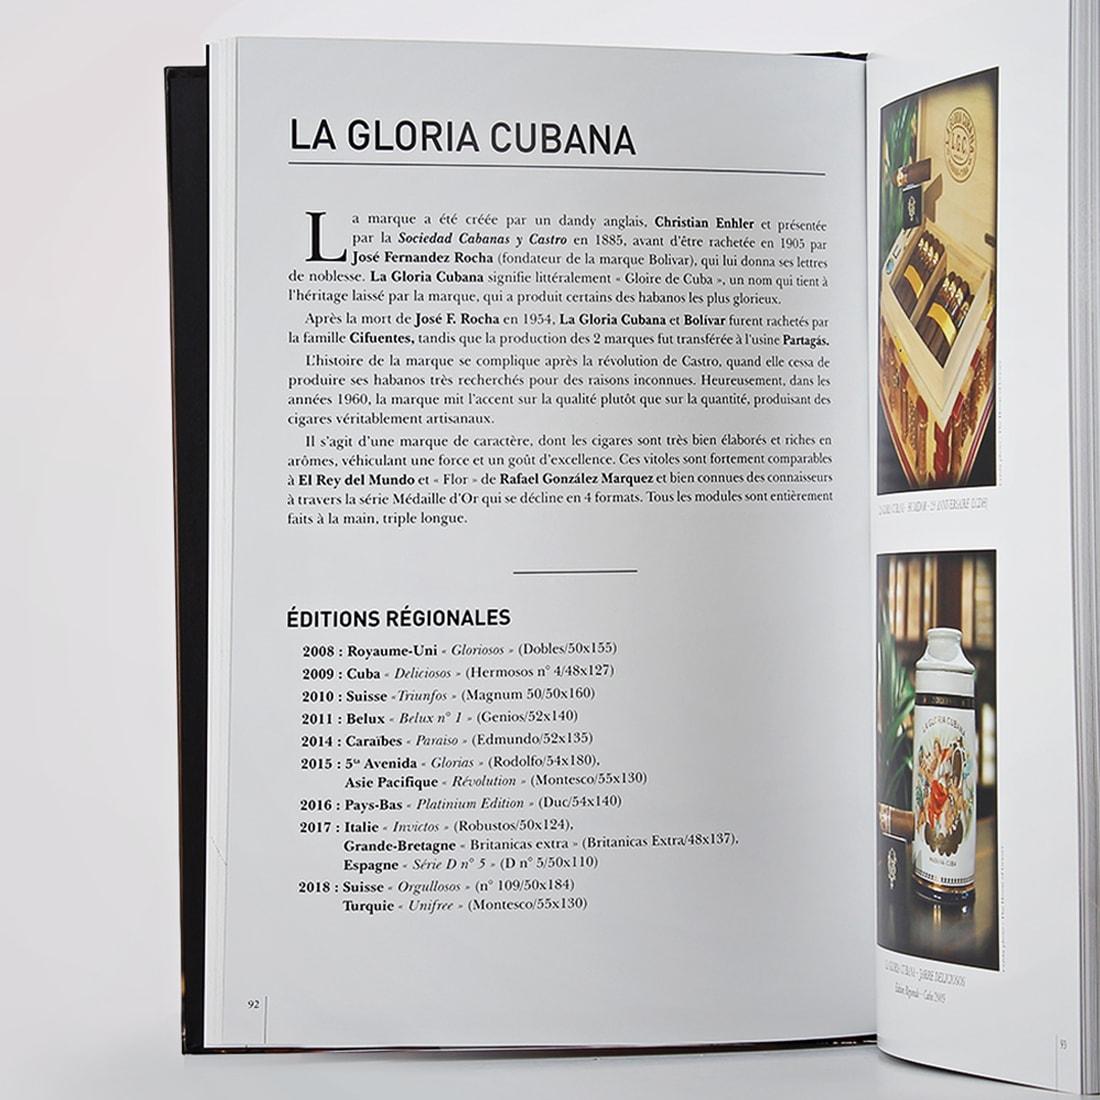 Photo #2 de Livre - Teddy Pecot Les Cigares Cubains Voyage aux 4 coins de l'He